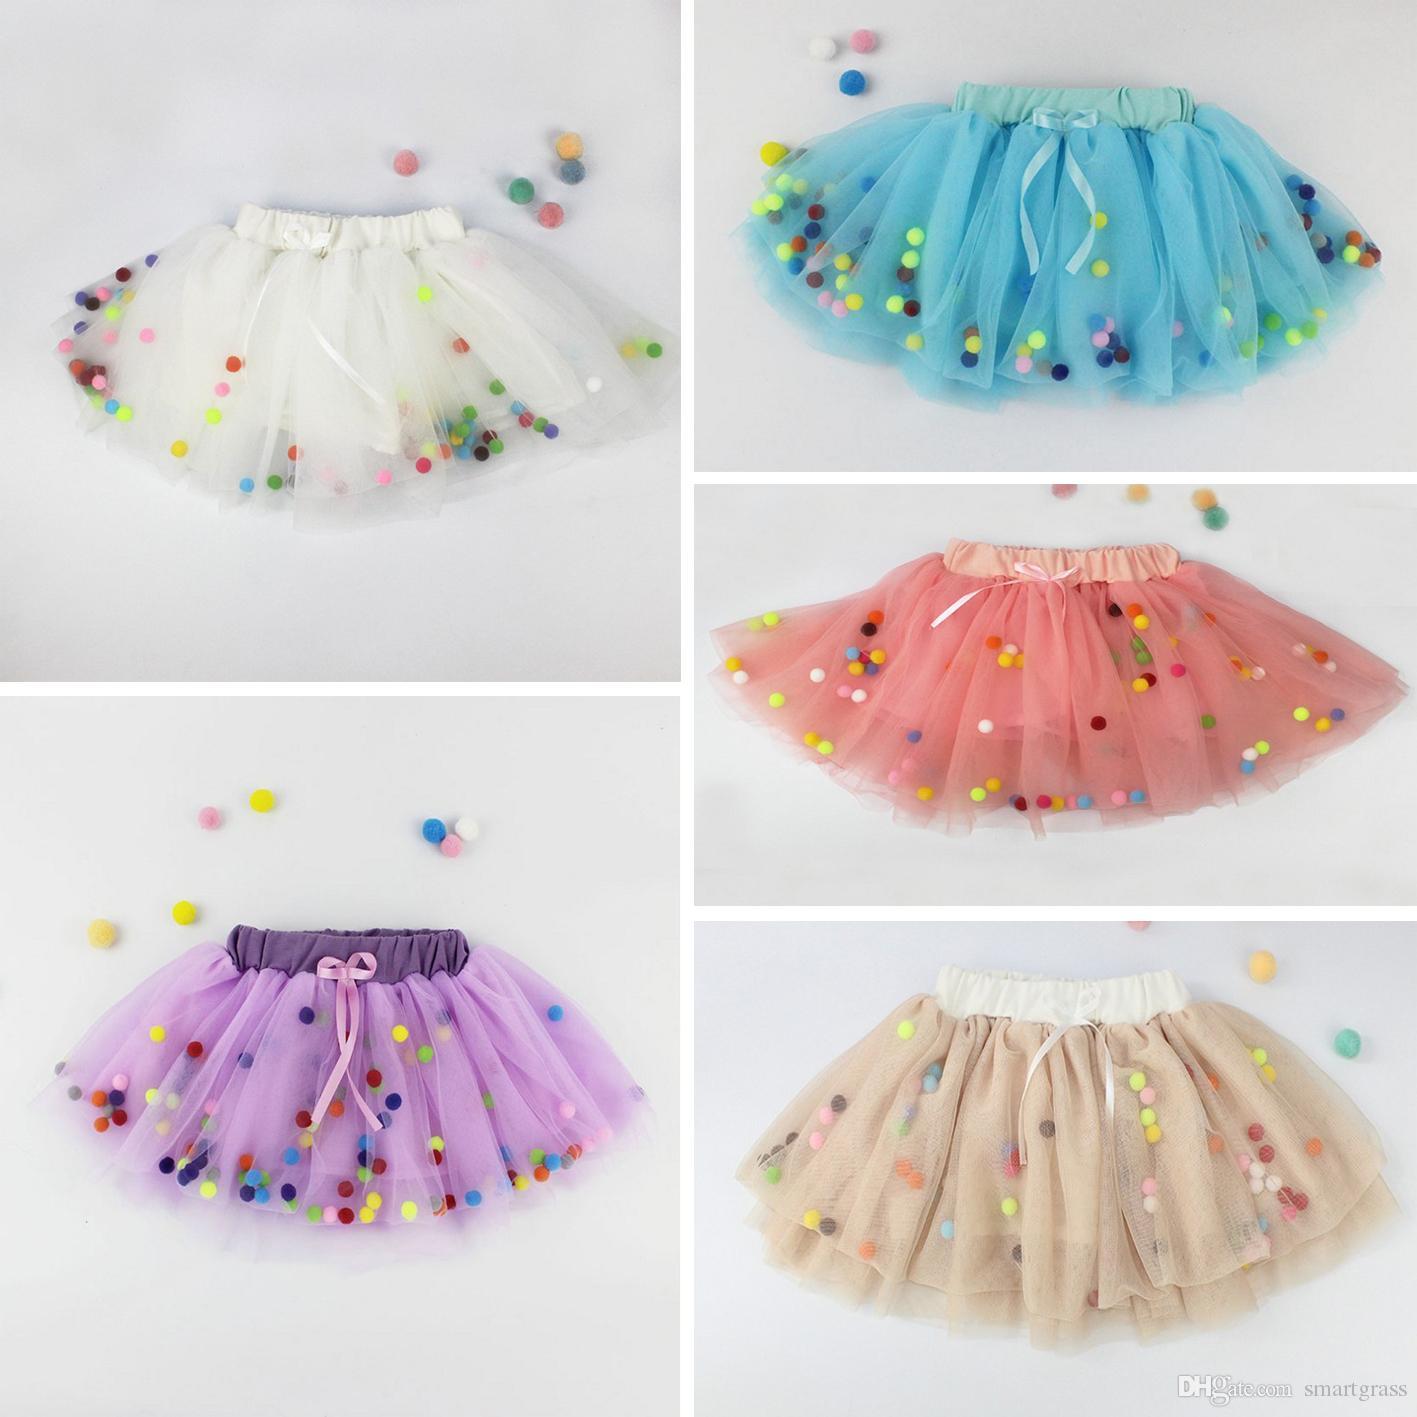 2018 Baby Tulle Skirt Ball Gown Dance Skirt Girls Colorful Tutu